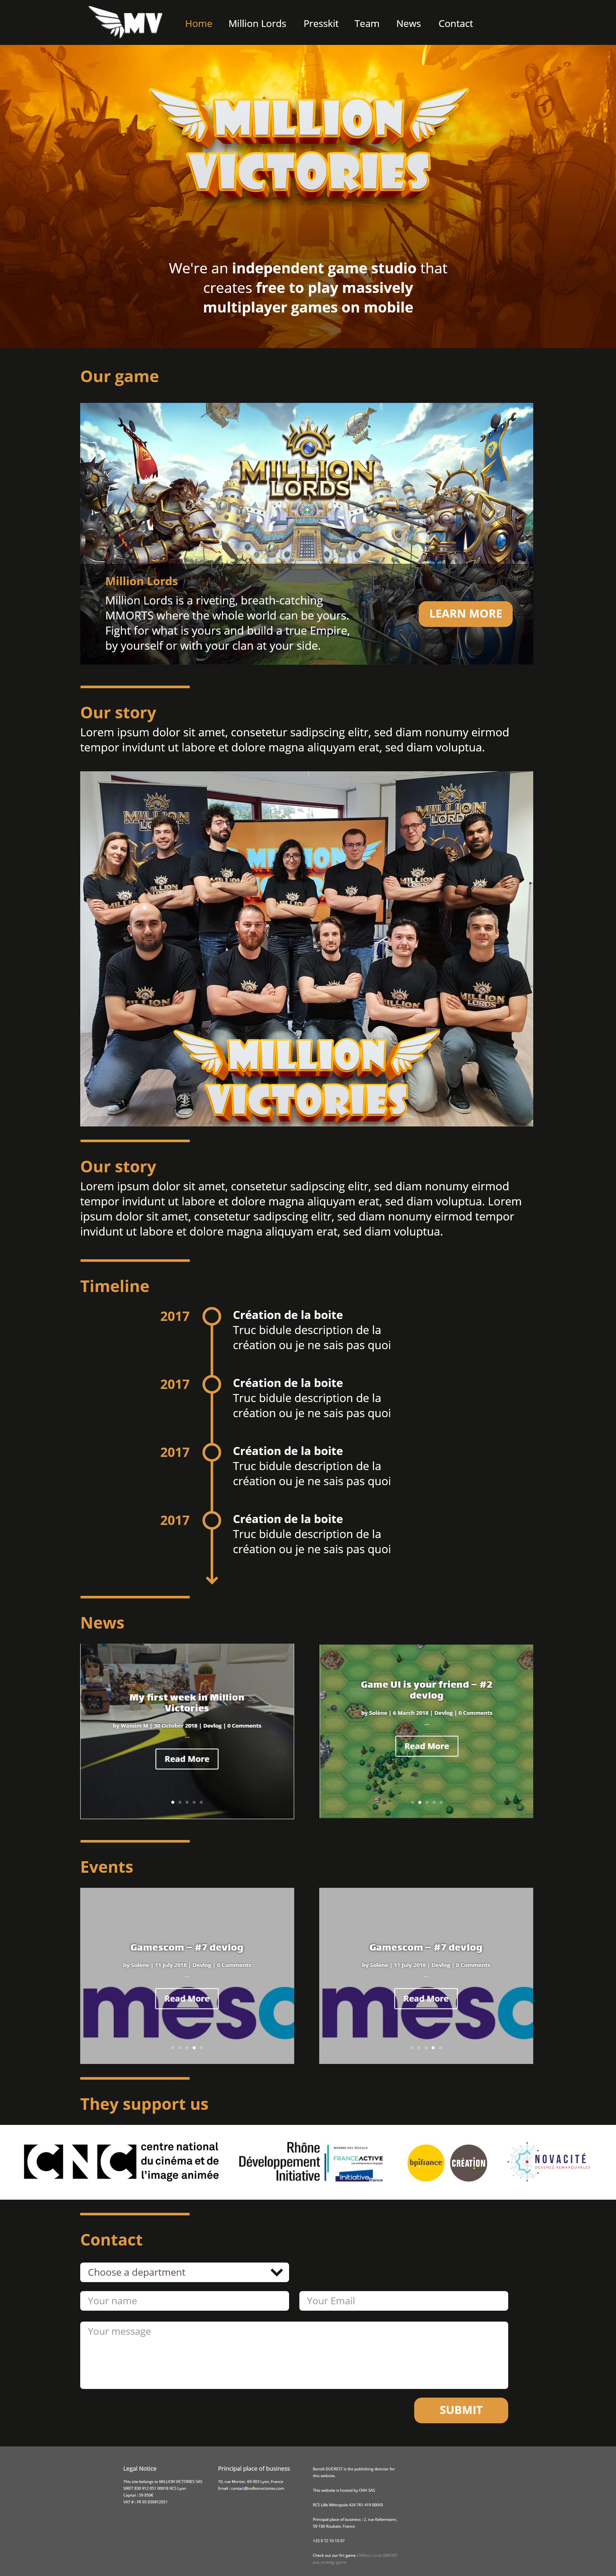 Million Victories website design